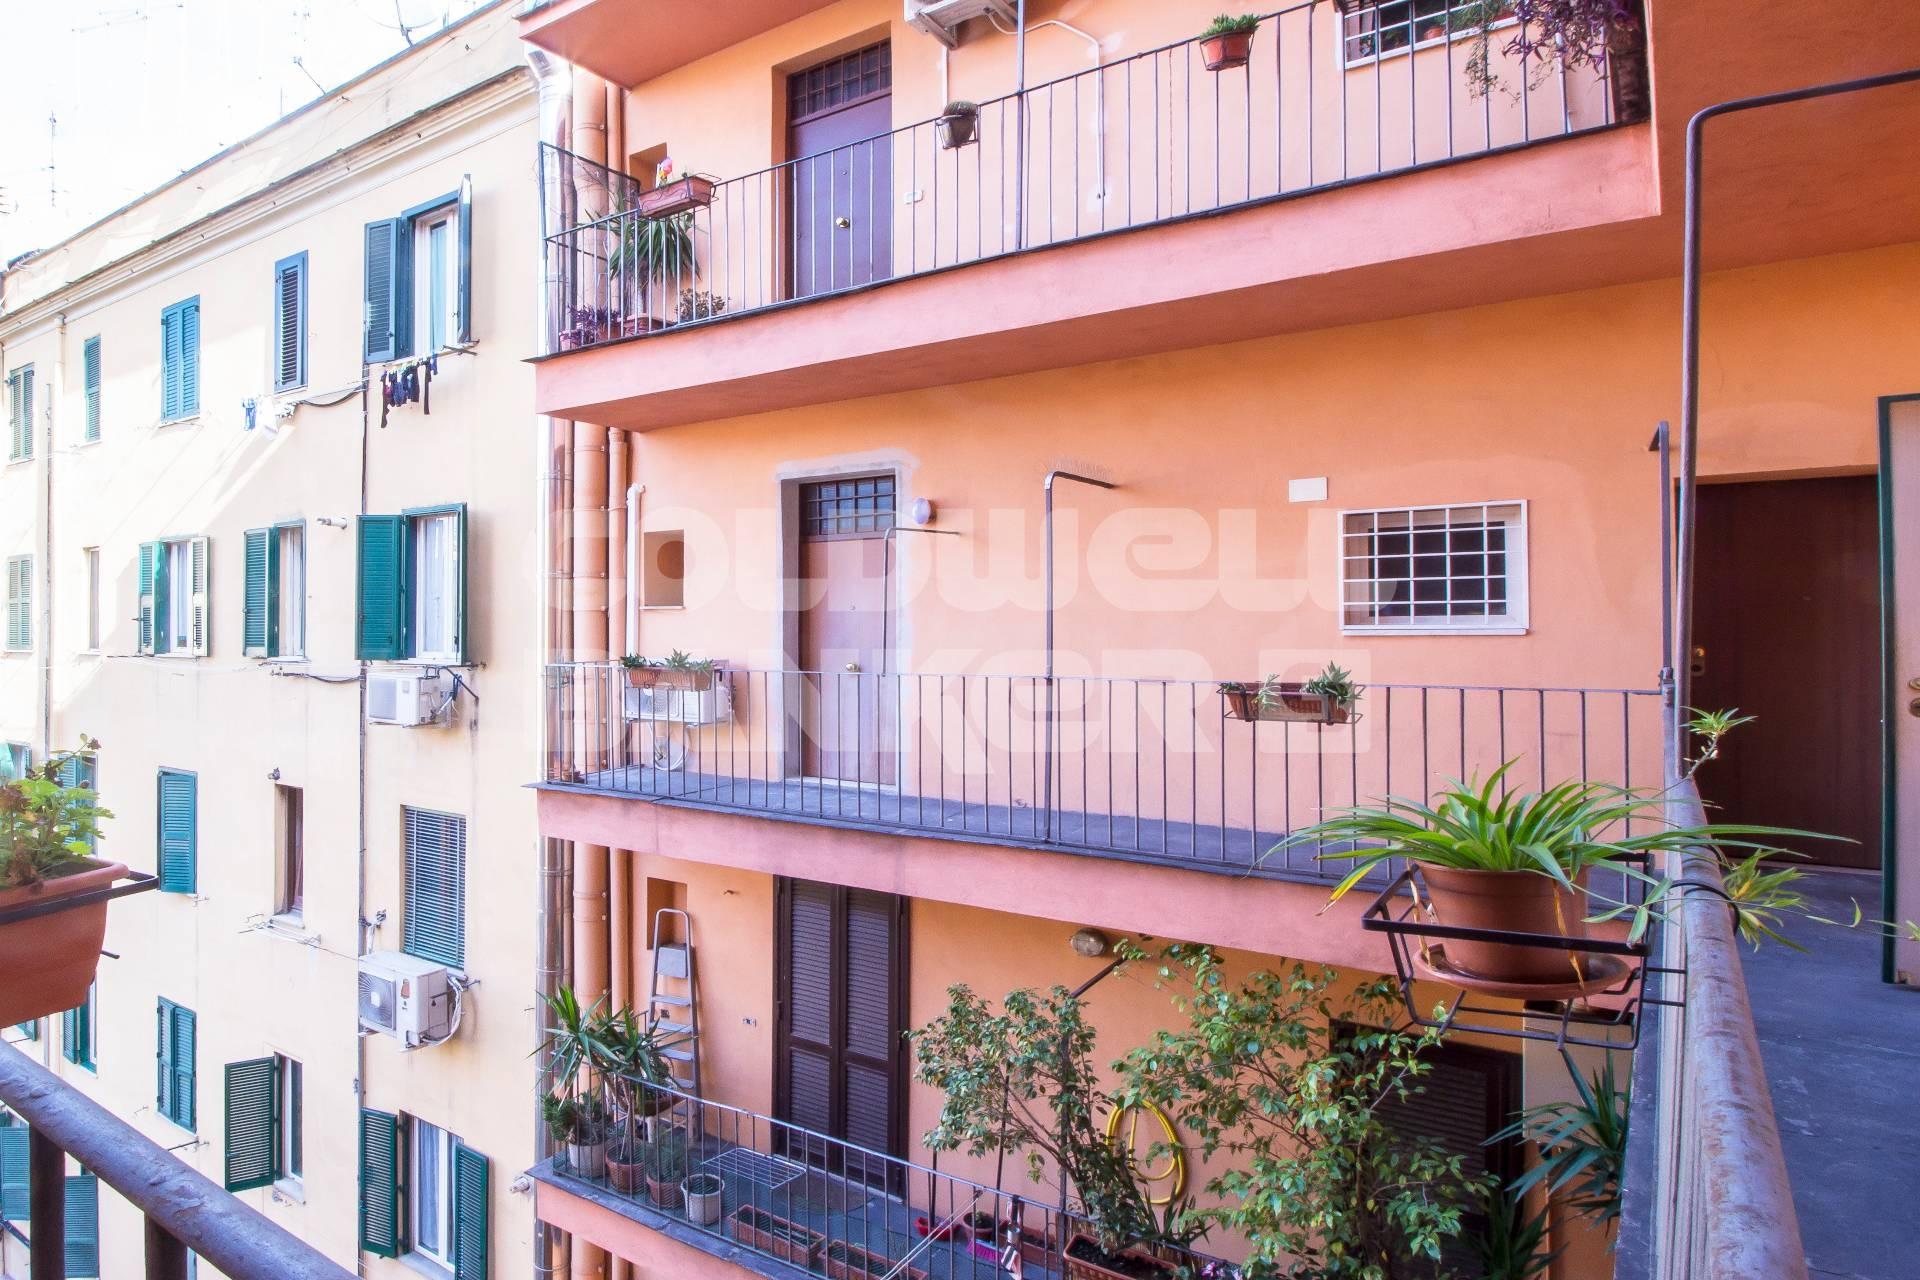 Bilocale affitto roma zona nuovo salario prati fiscali for Uffici in affitto roma prati